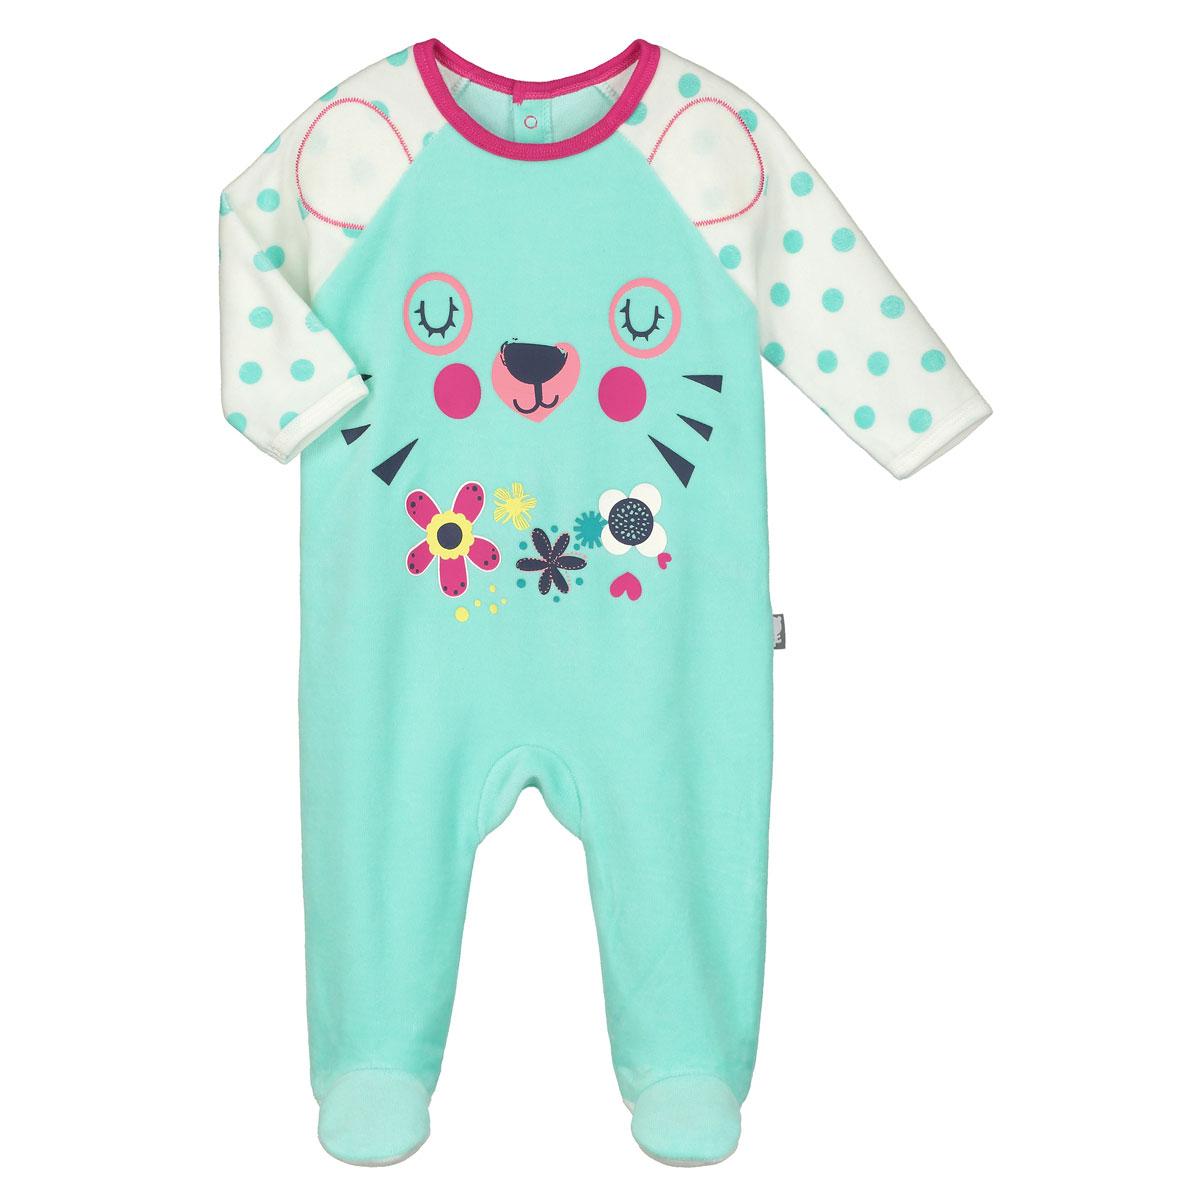 53c95cd560a5d Pyjama bébé velours Little Cute - PETIT BEGUIN en 6mois